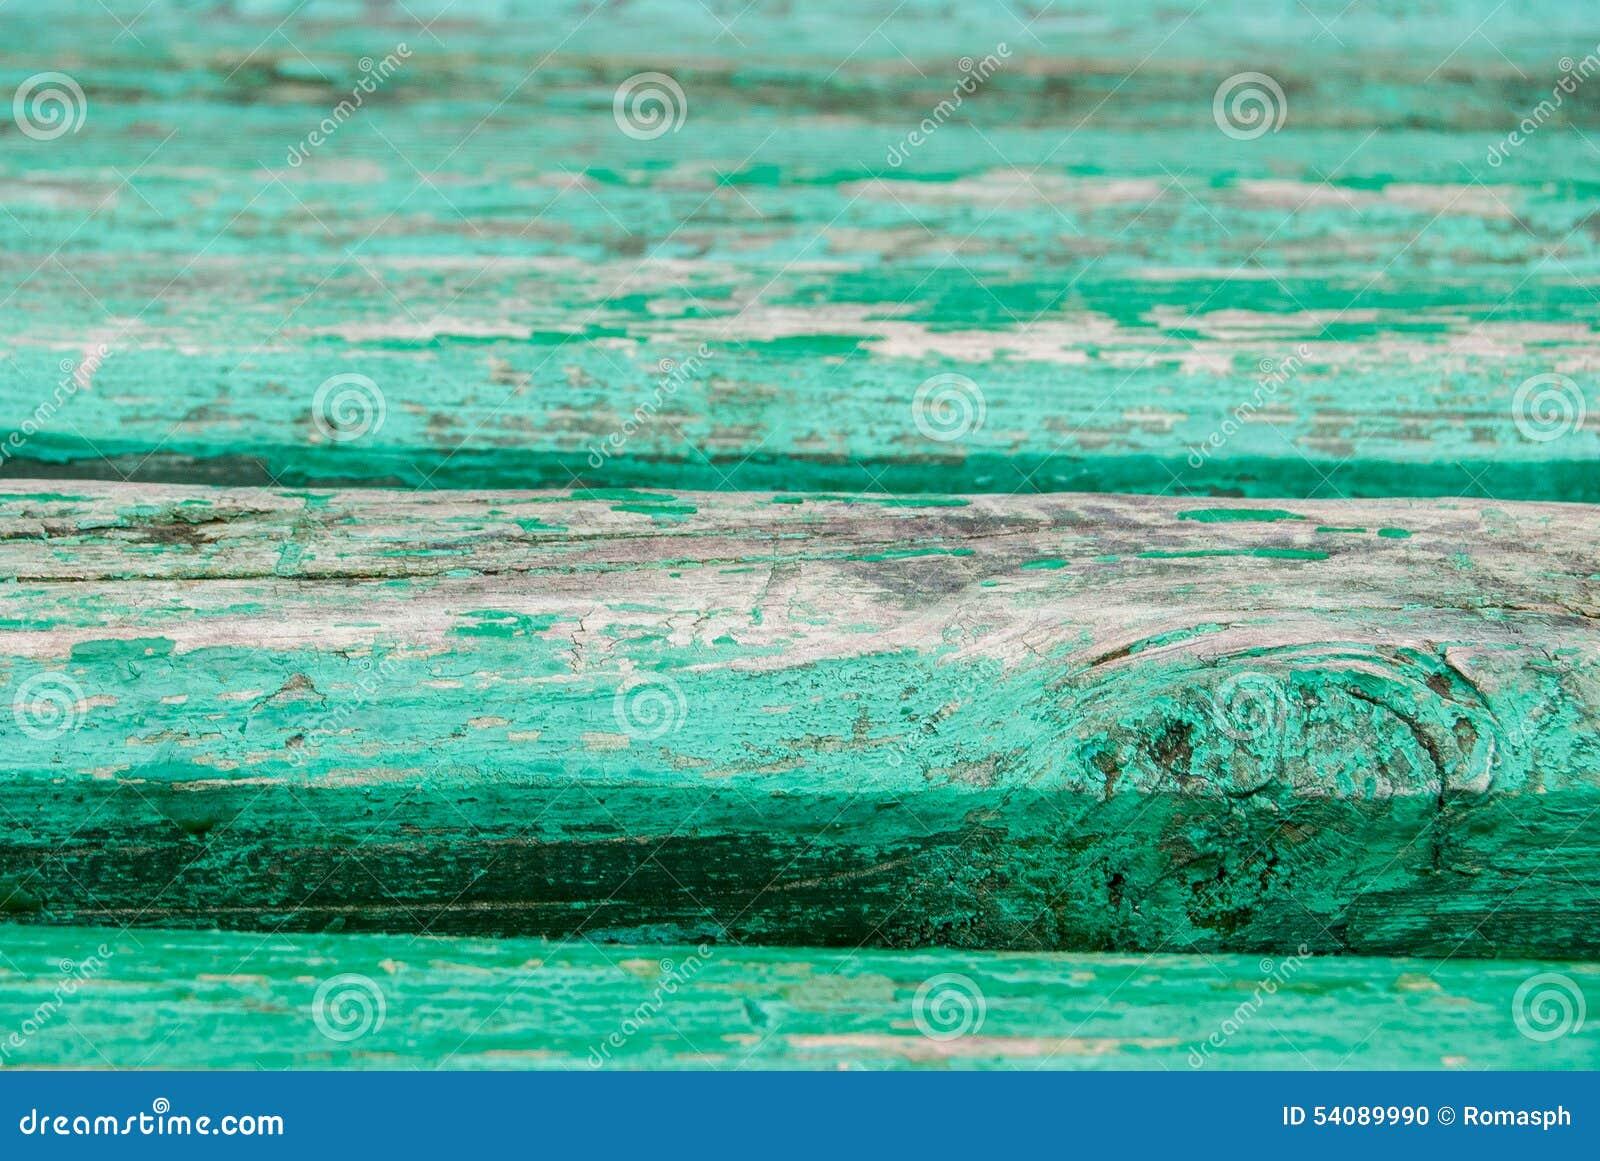 Oud geschilderd hout